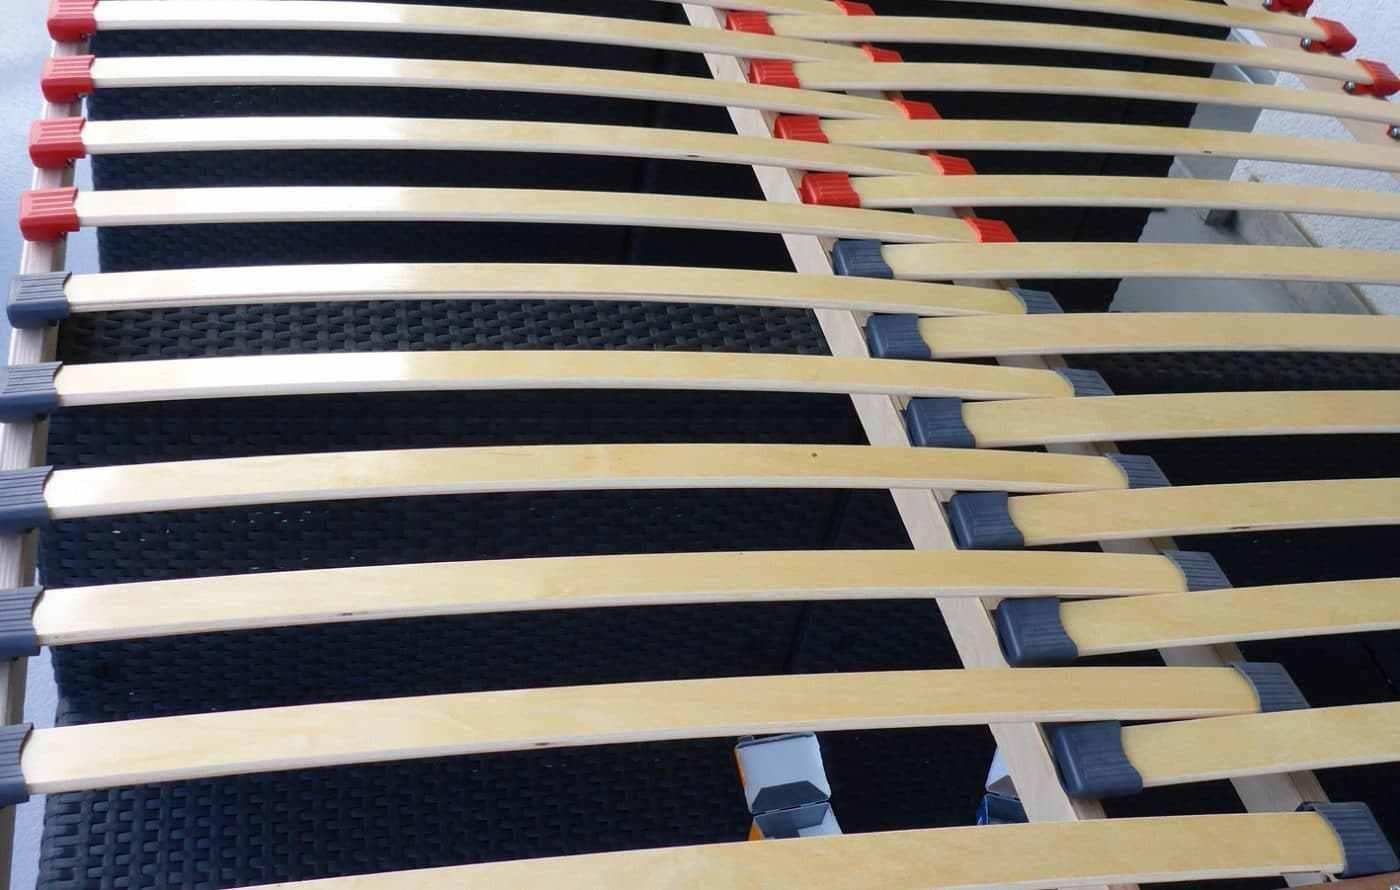 Full Size of Ausziehbarer Lattenrost Dubu And Morech Bett 90x200 Mit Ausziehbares Runder Esstisch Ausziehbar Weiß 120x200 Matratze Und 180x200 Komplett 160x200 140x200 Wohnzimmer Lattenrost Ausziehbar